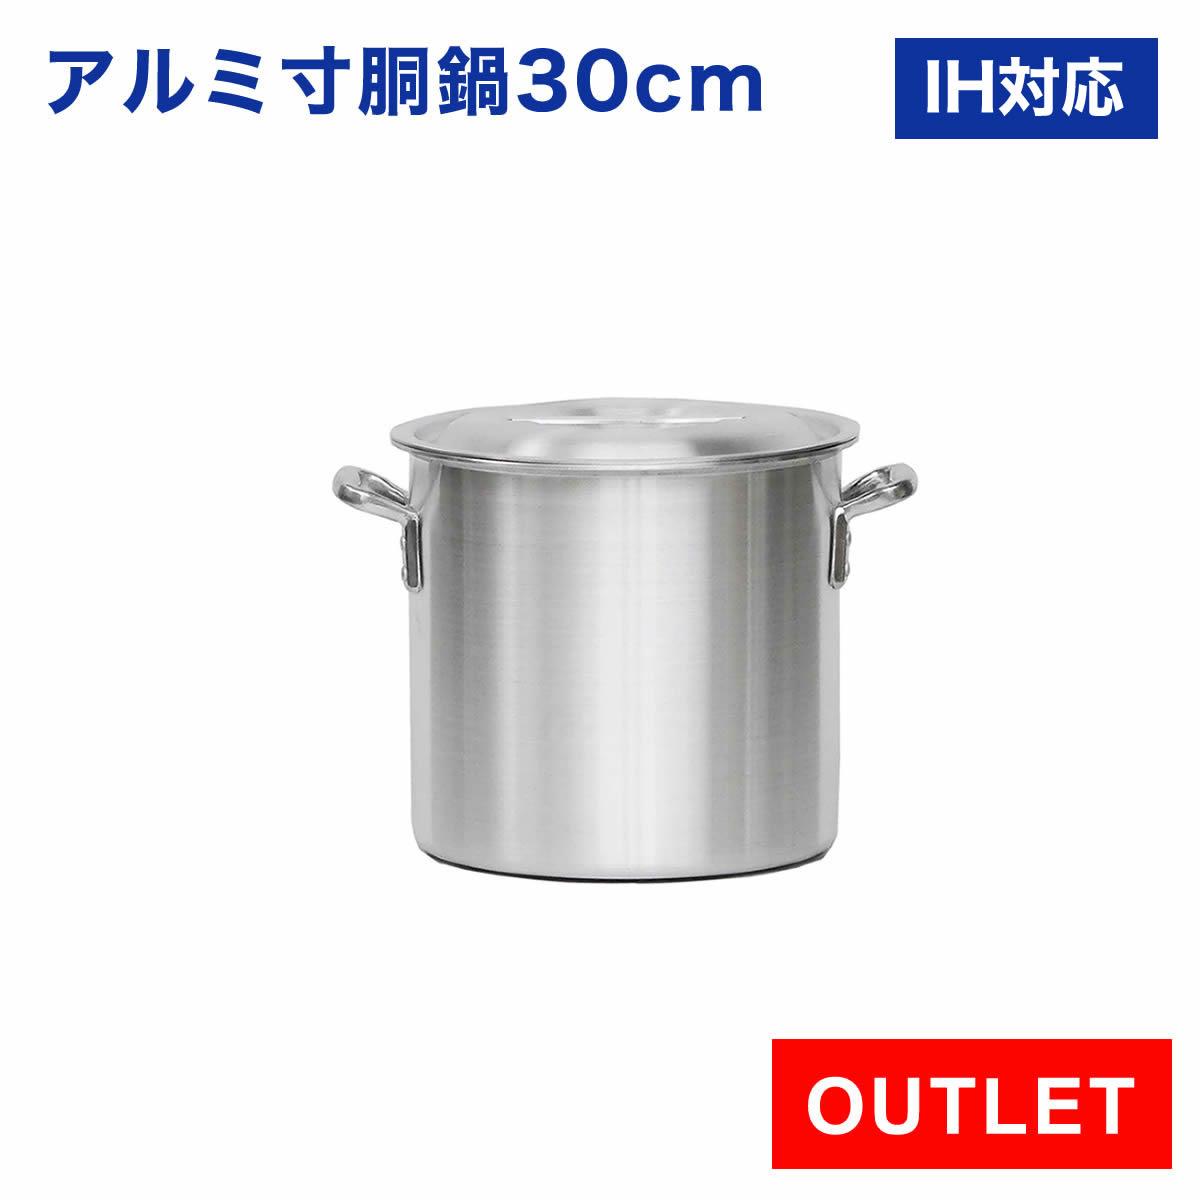 【アウトレット】IH対応 業務用 アルミ寸胴鍋 プレミア 30cm